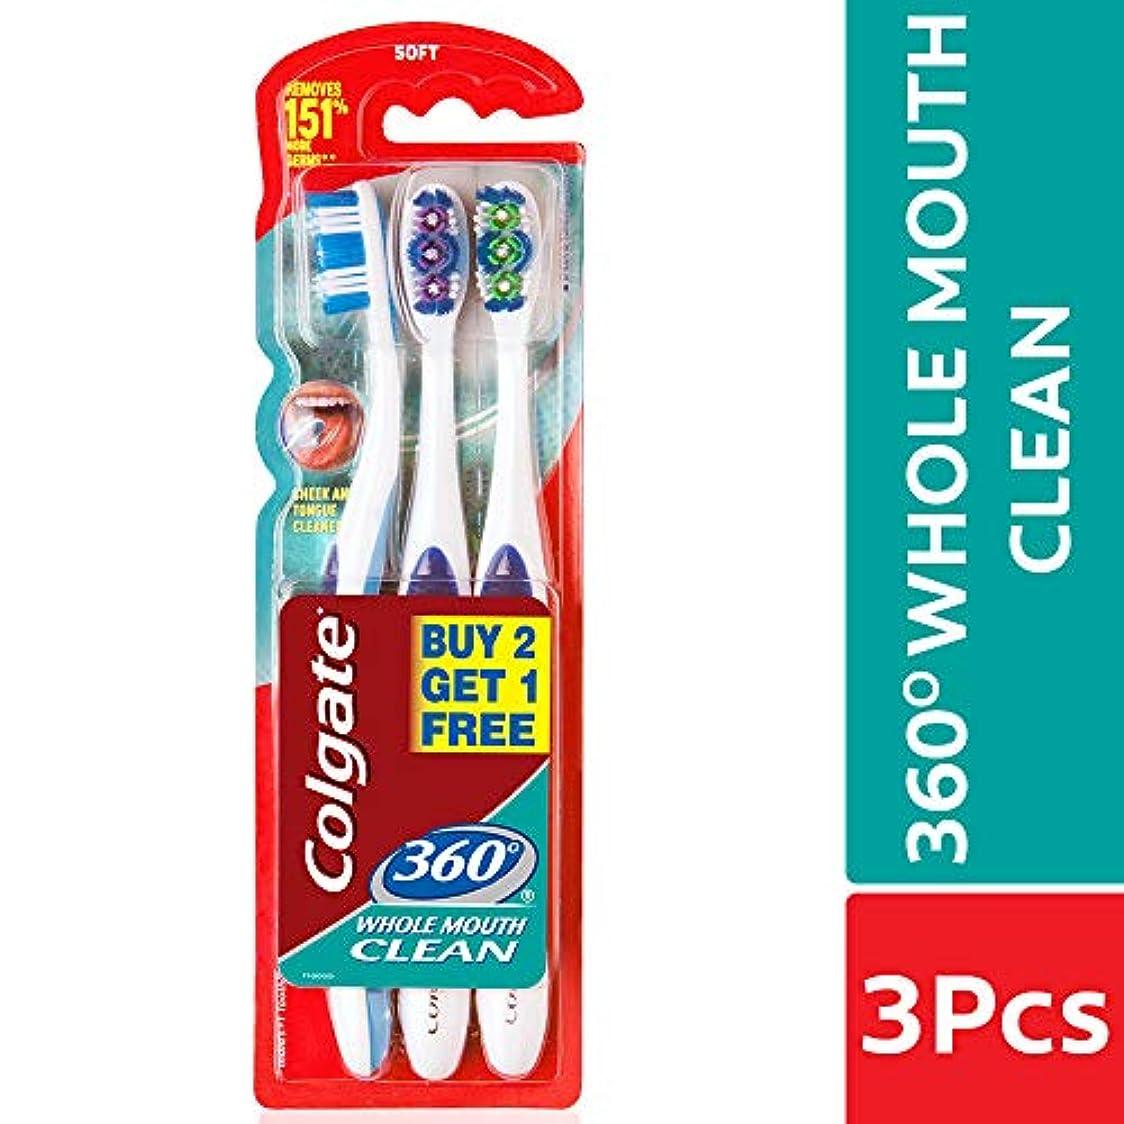 故意に一過性憂鬱Colgate 360 whole mouth clean (MEDIUM) toothbrush (3pc pack)